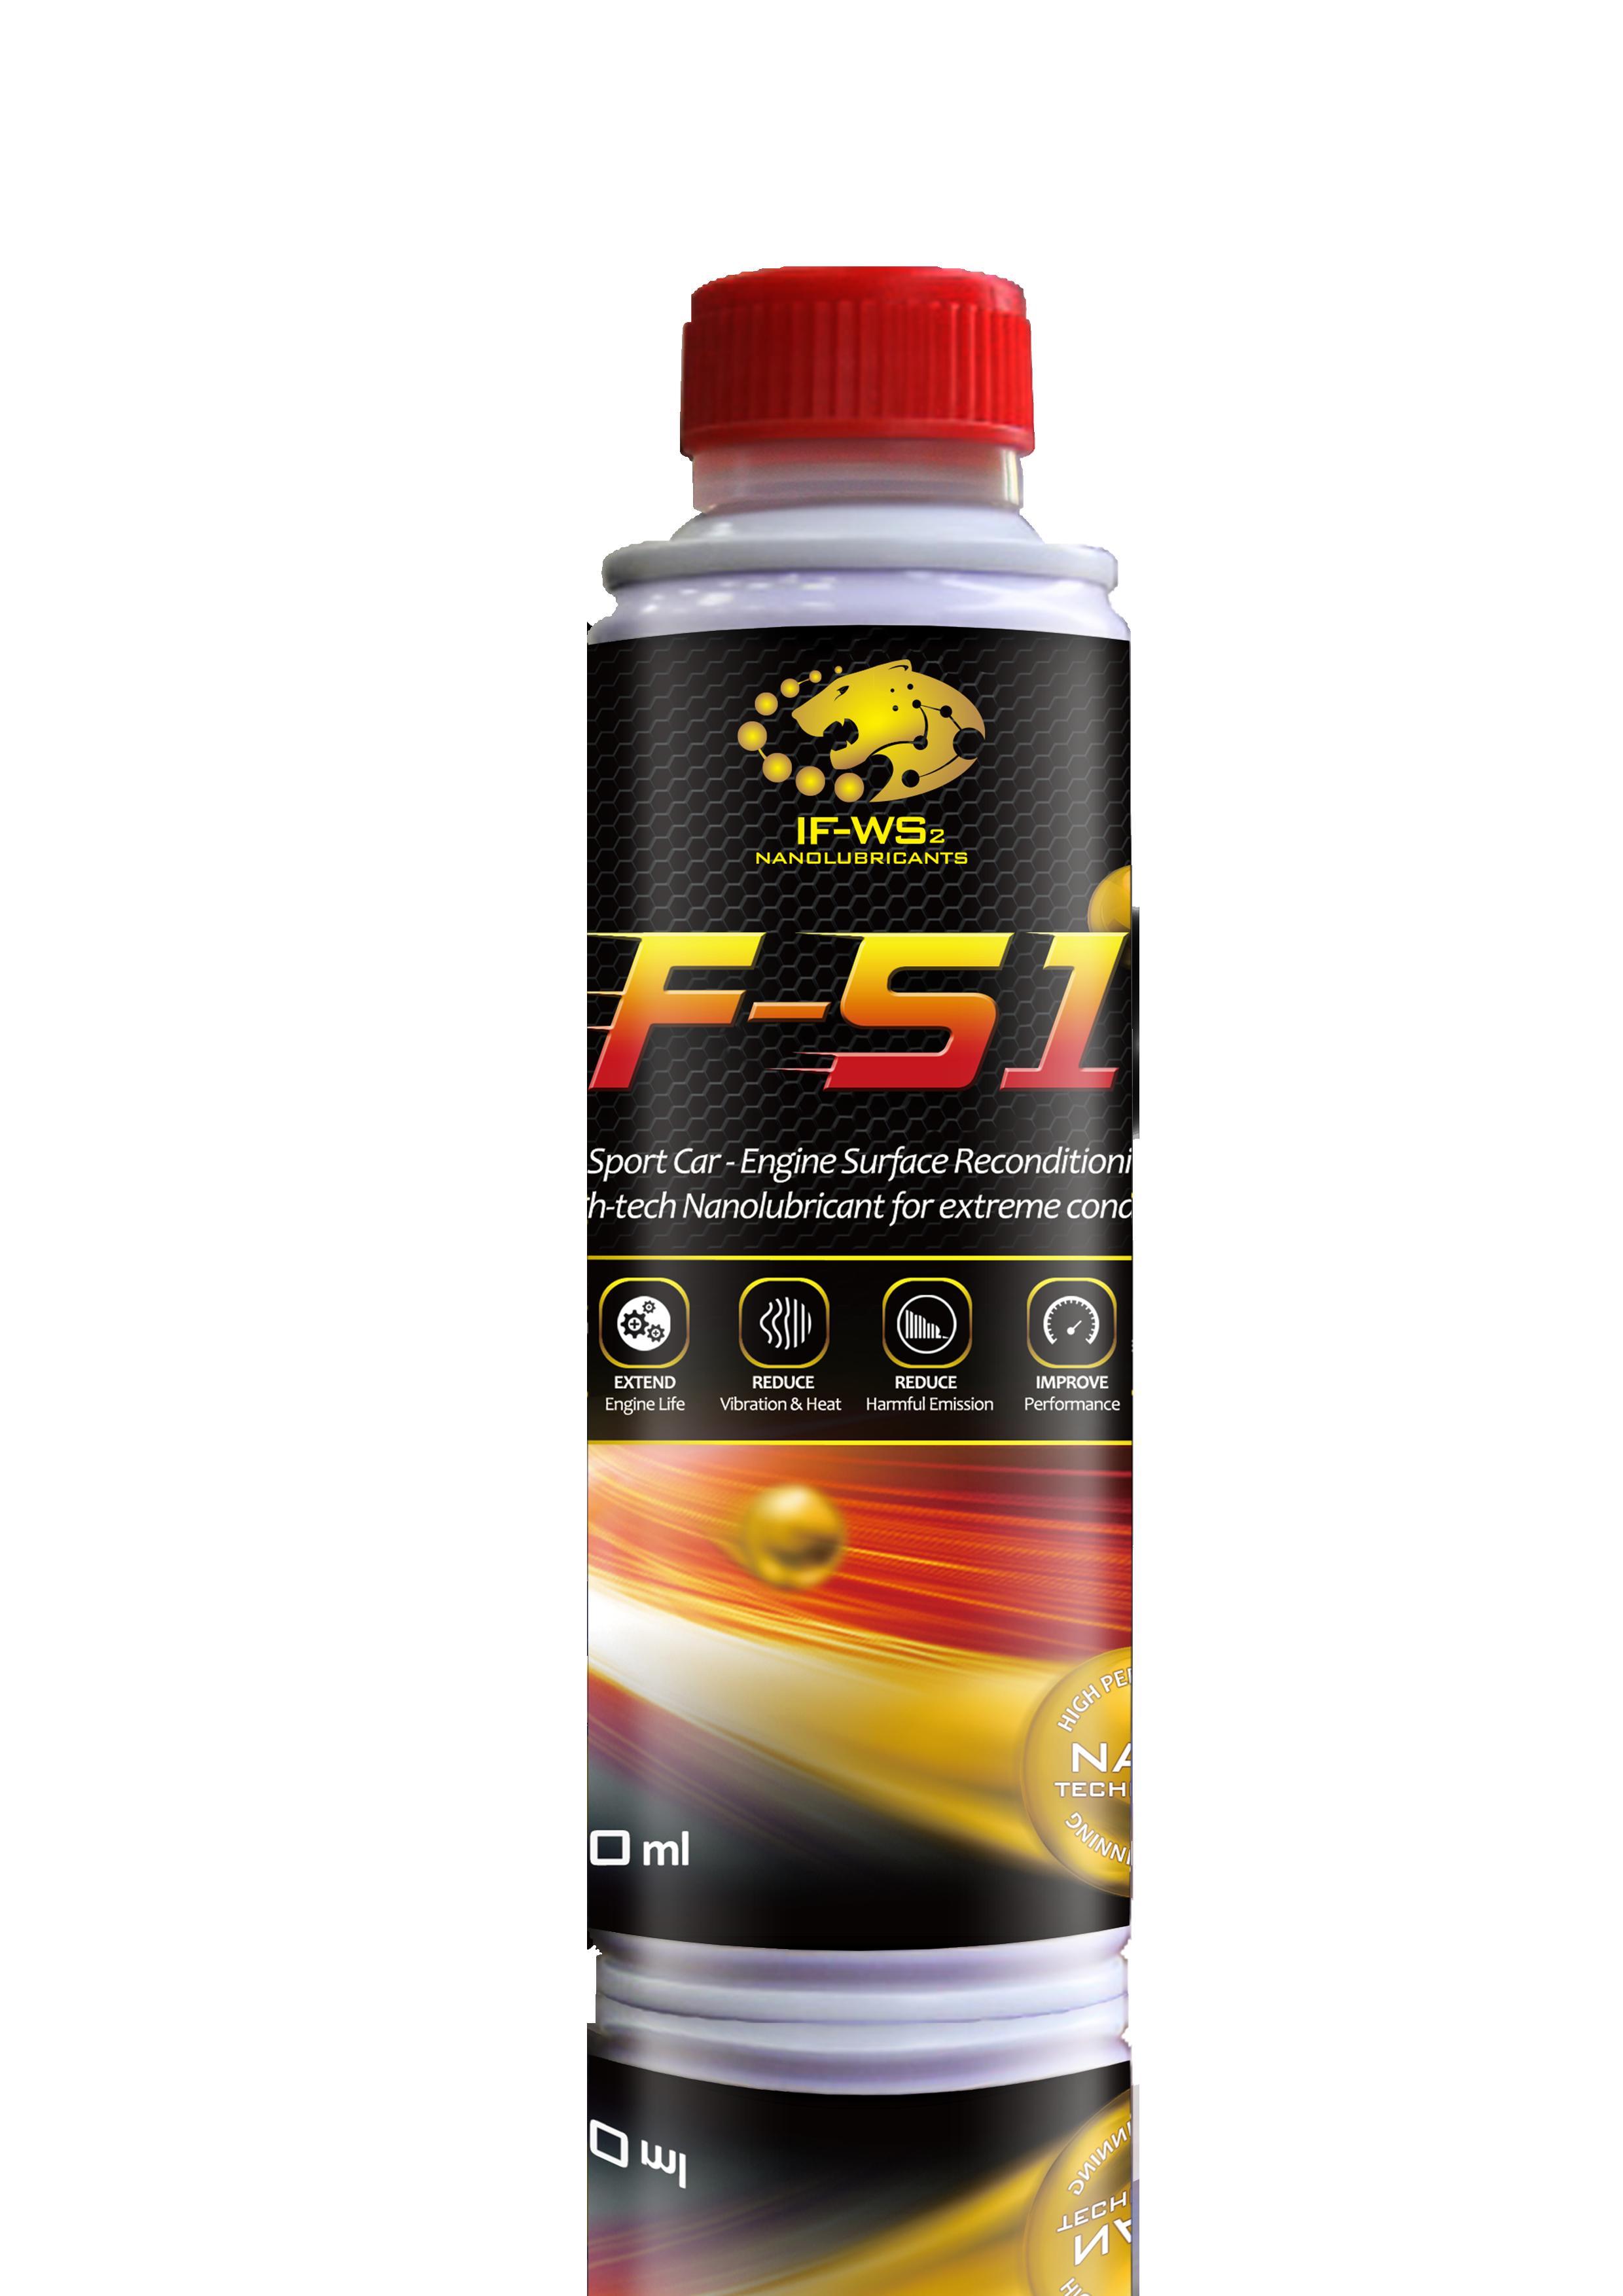 奈米鎢 F-S1 (超跑專用版)